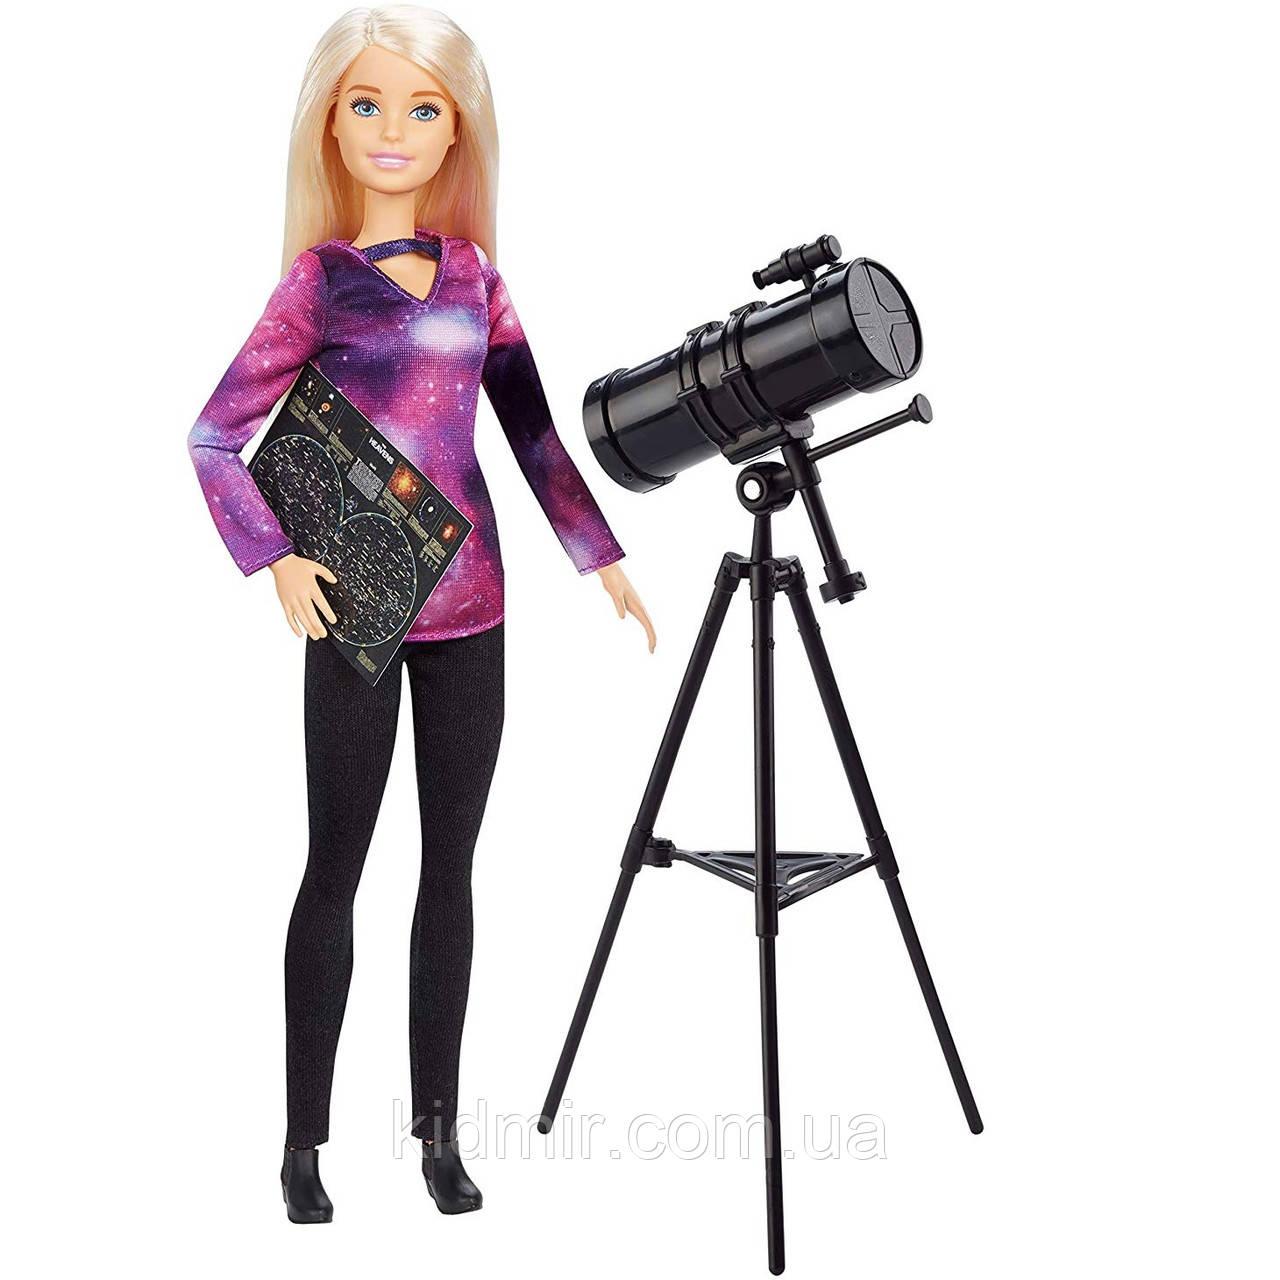 Кукла Барби Астрофизик Barbie Astrophysicist GDM47